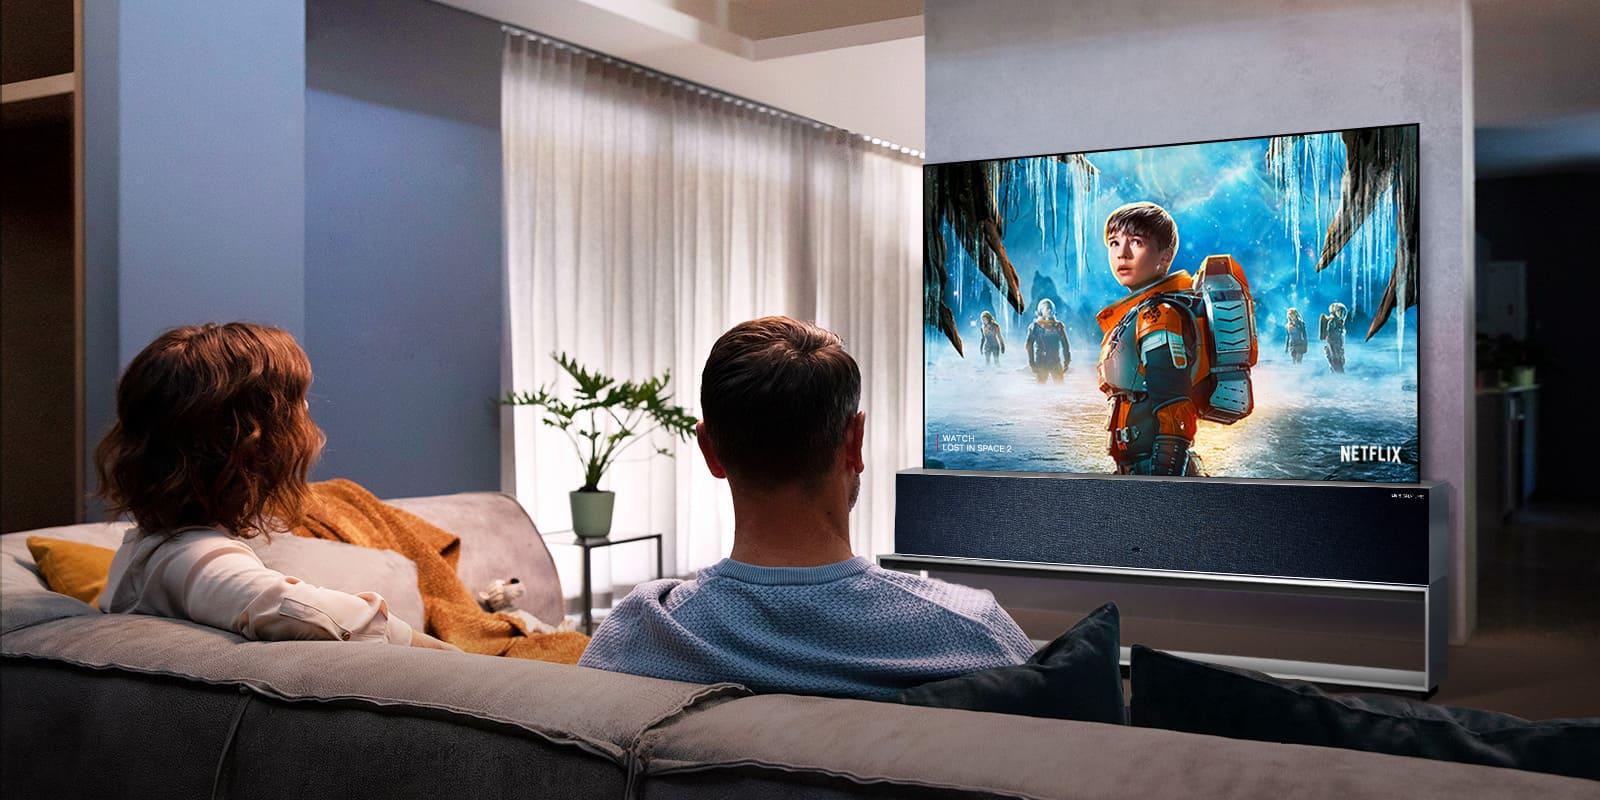 LG-Signature-OLED-TV-RX-peliculas